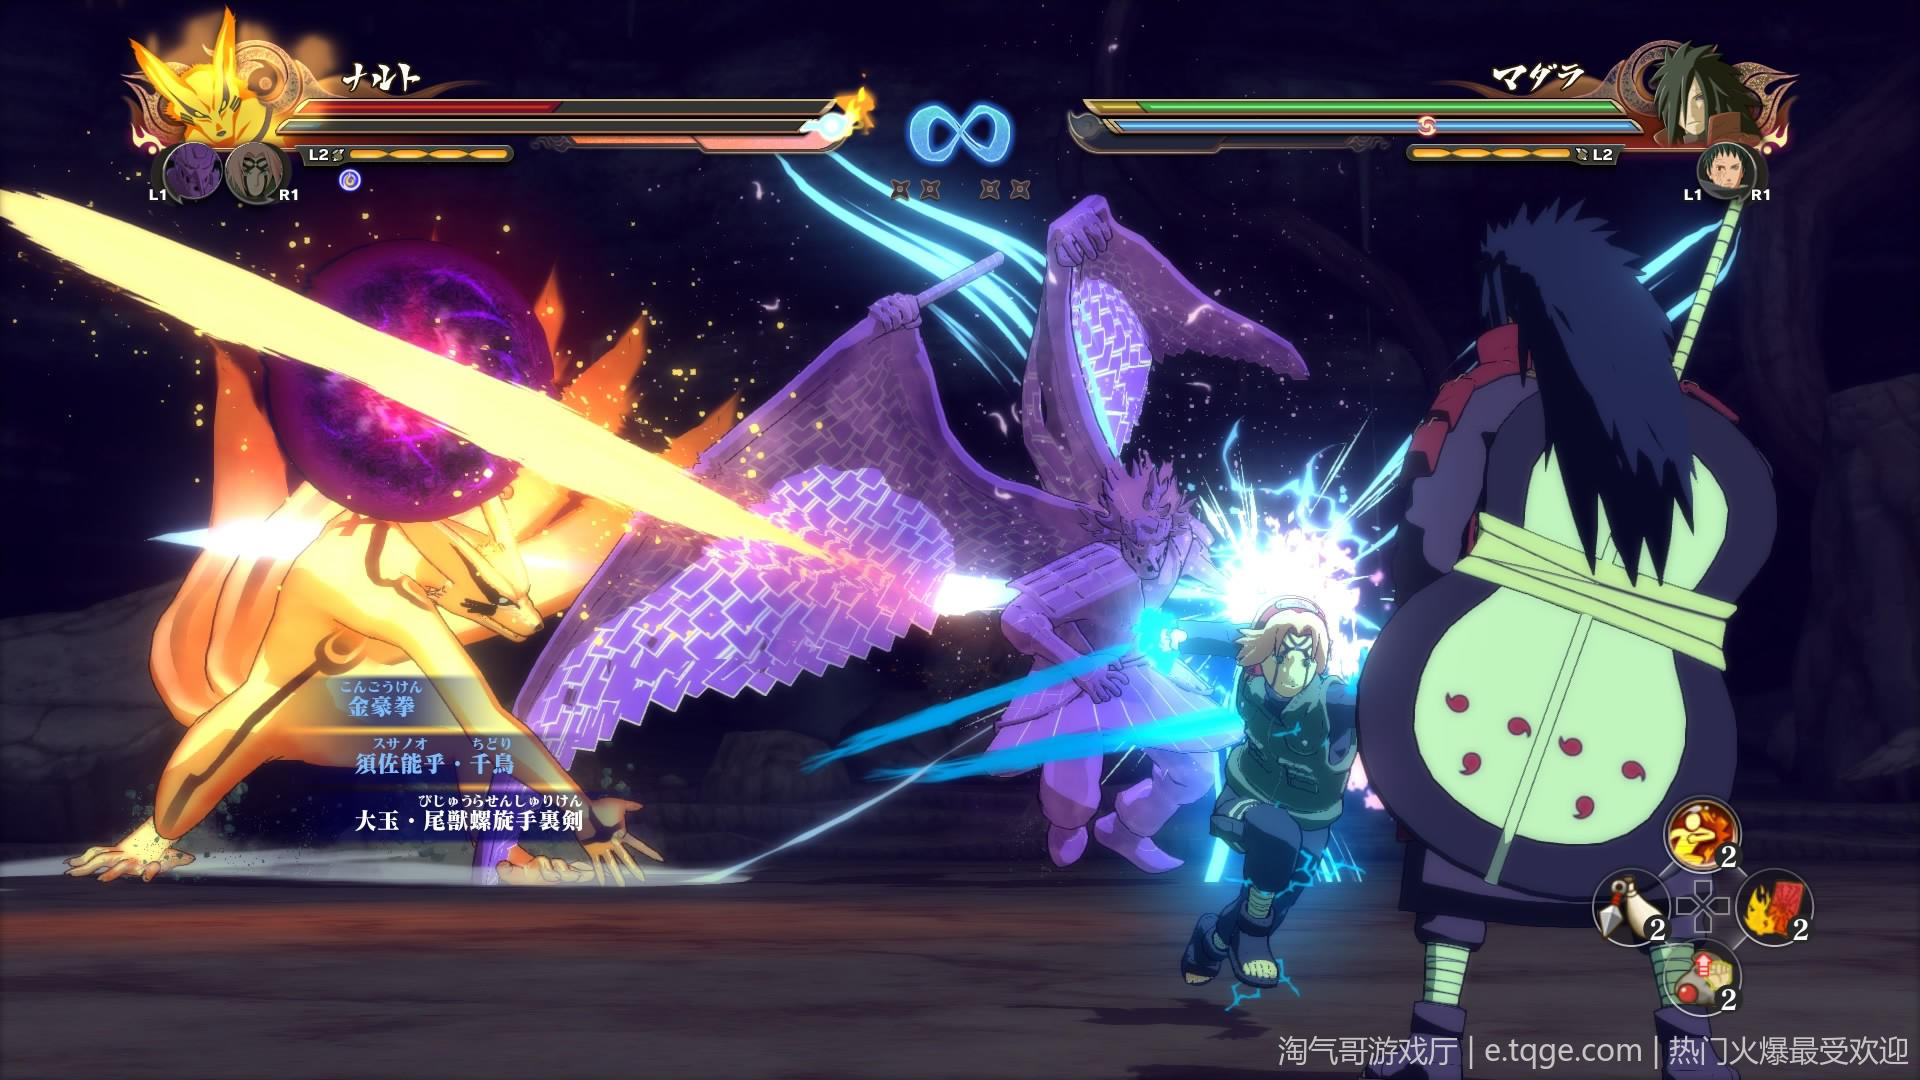 火影忍者:究极忍者风暴4 集成博人之路全部DLCs 整合版 动作冒险 第1张